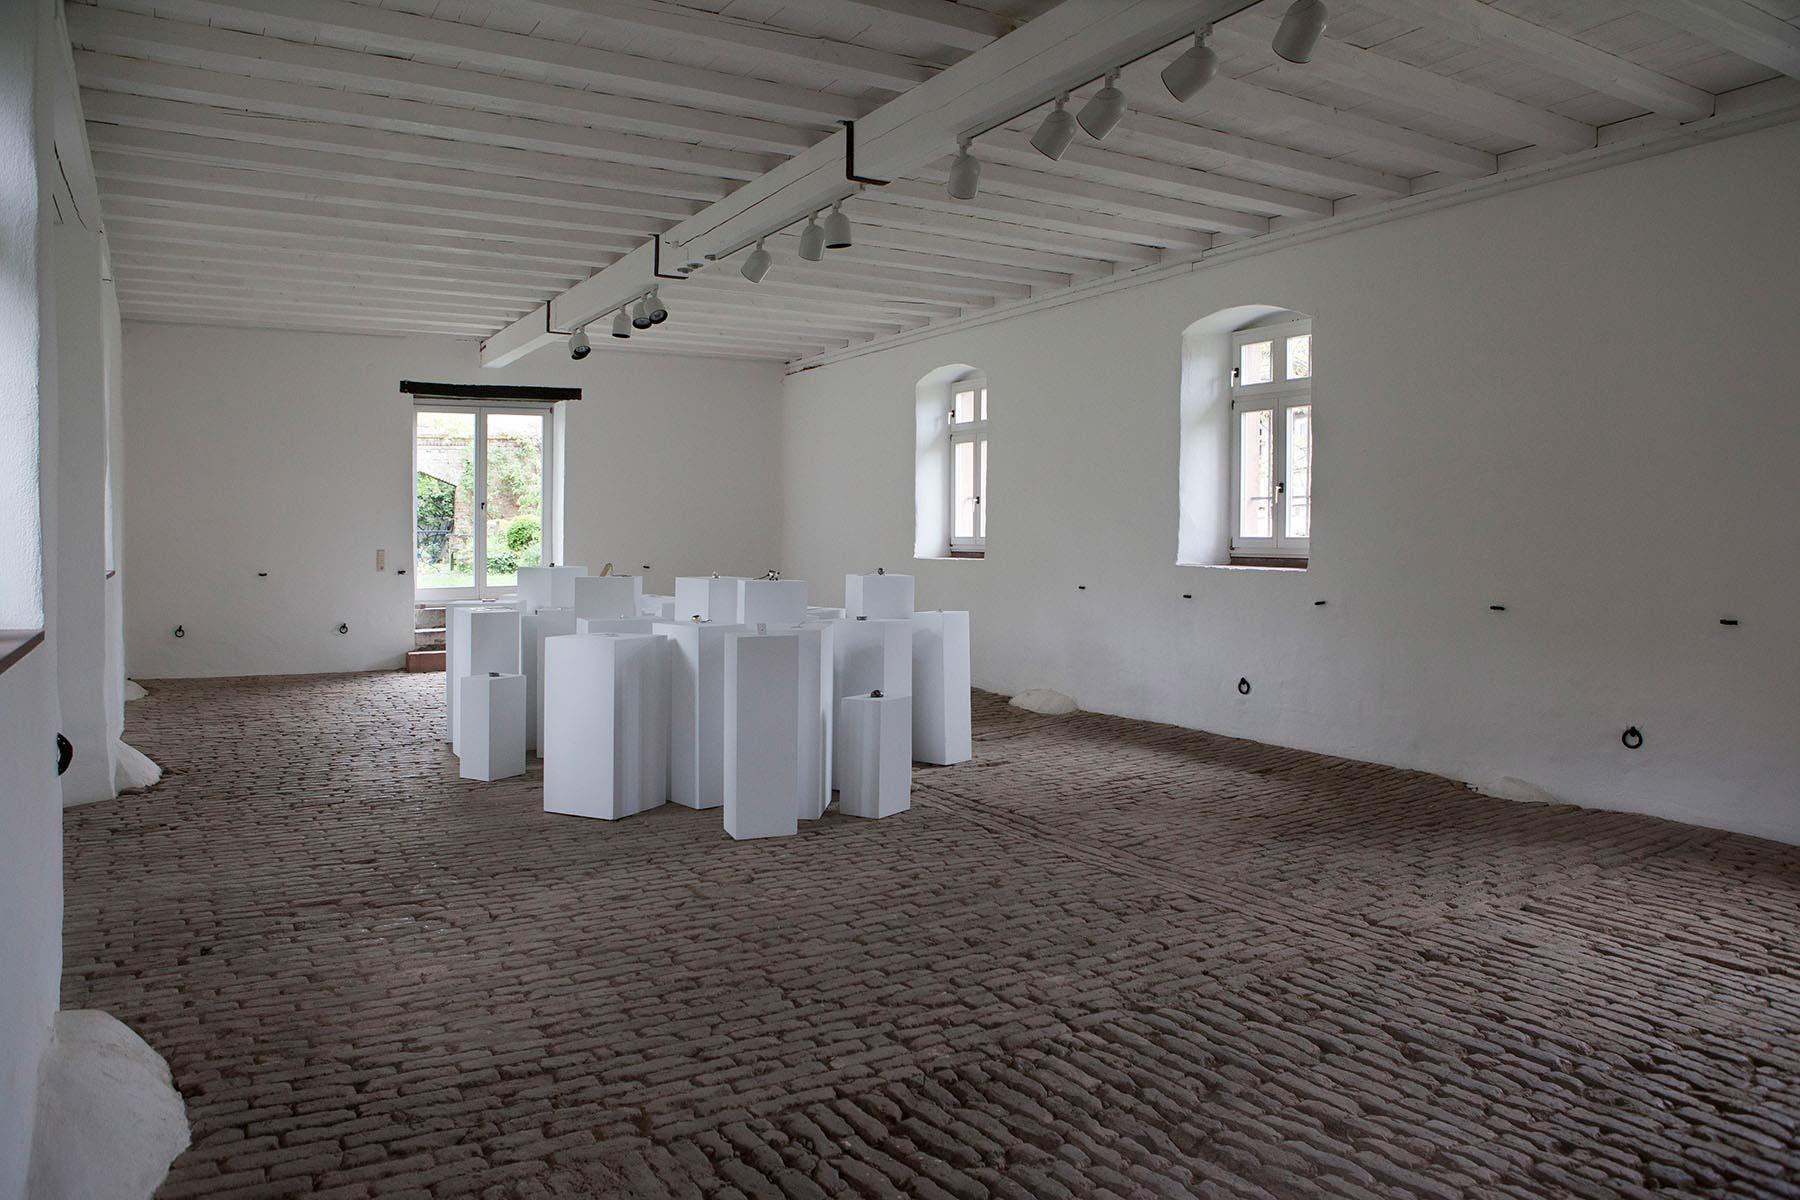 Galerie-Rosemarie-Jaeger-Impressionen-03